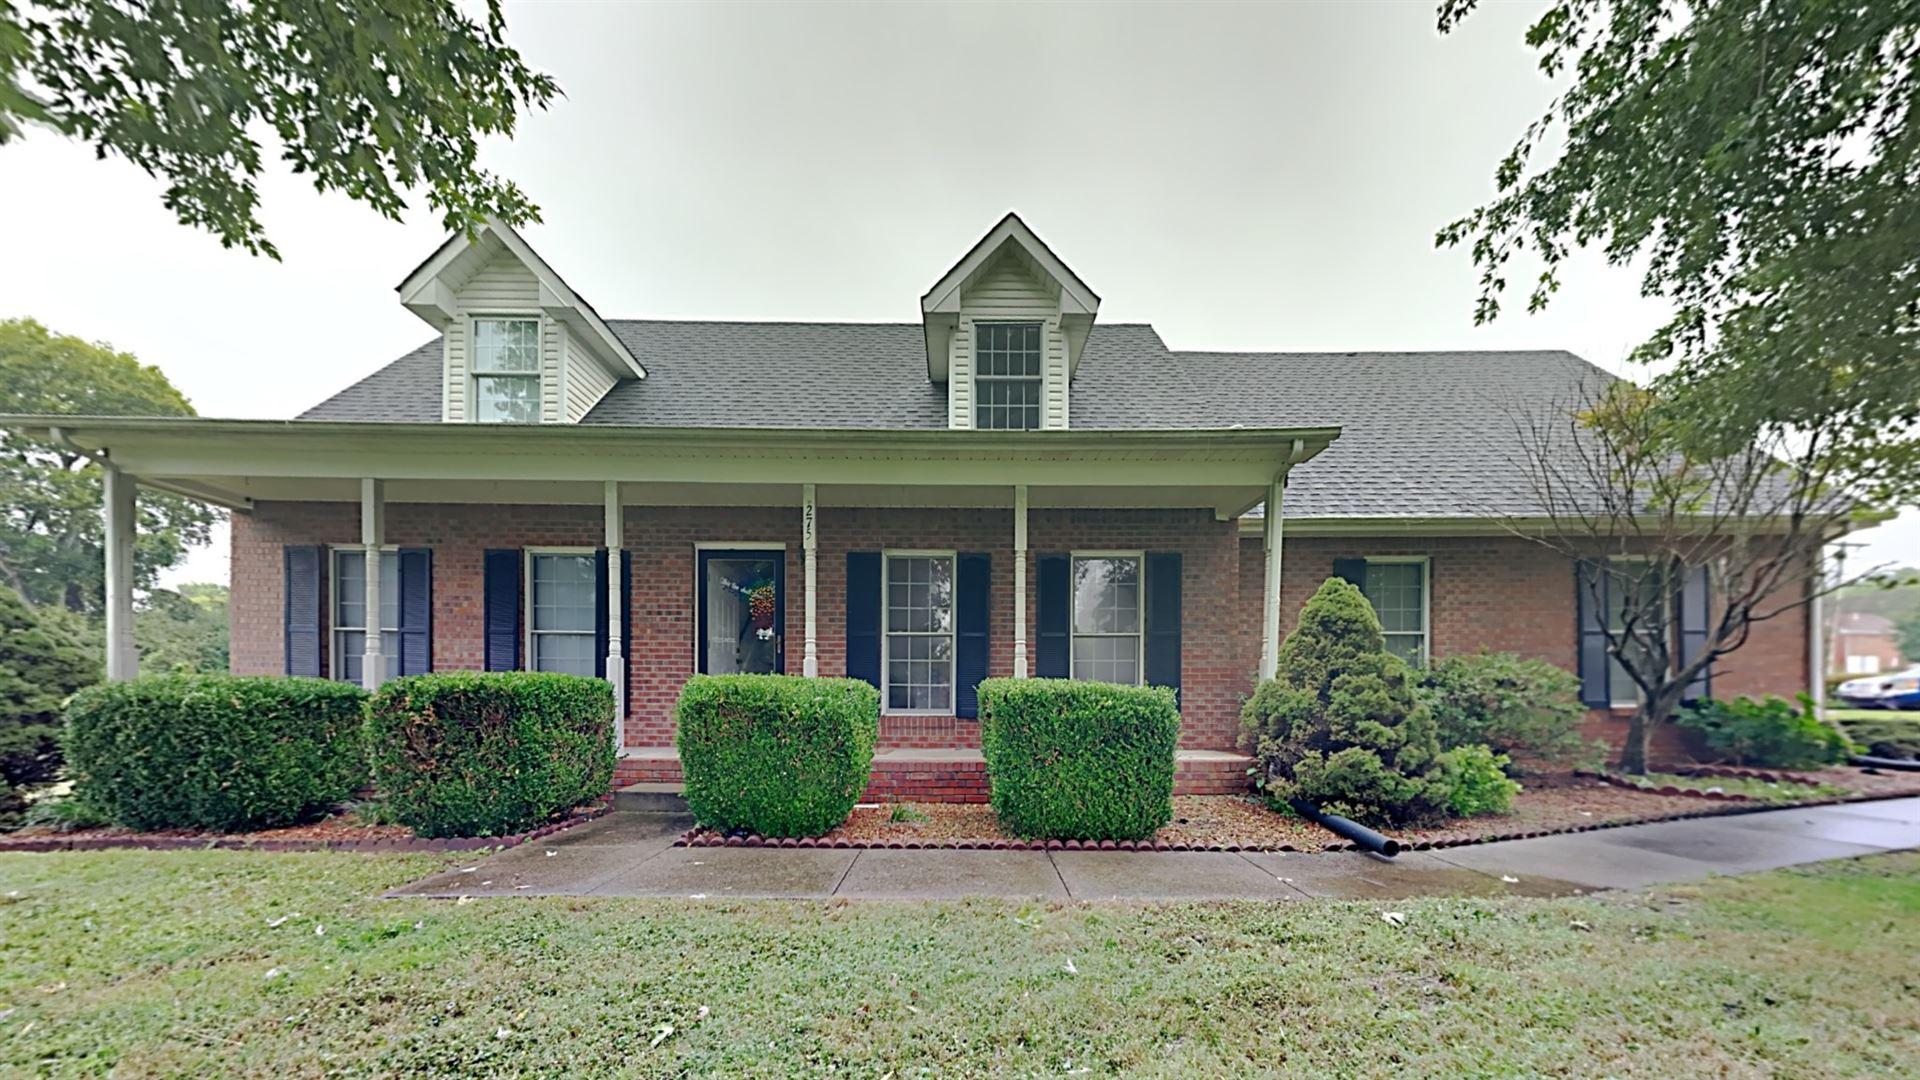 275 Ardmoor Dr, Clarksville, TN 37043 - MLS#: 2292629